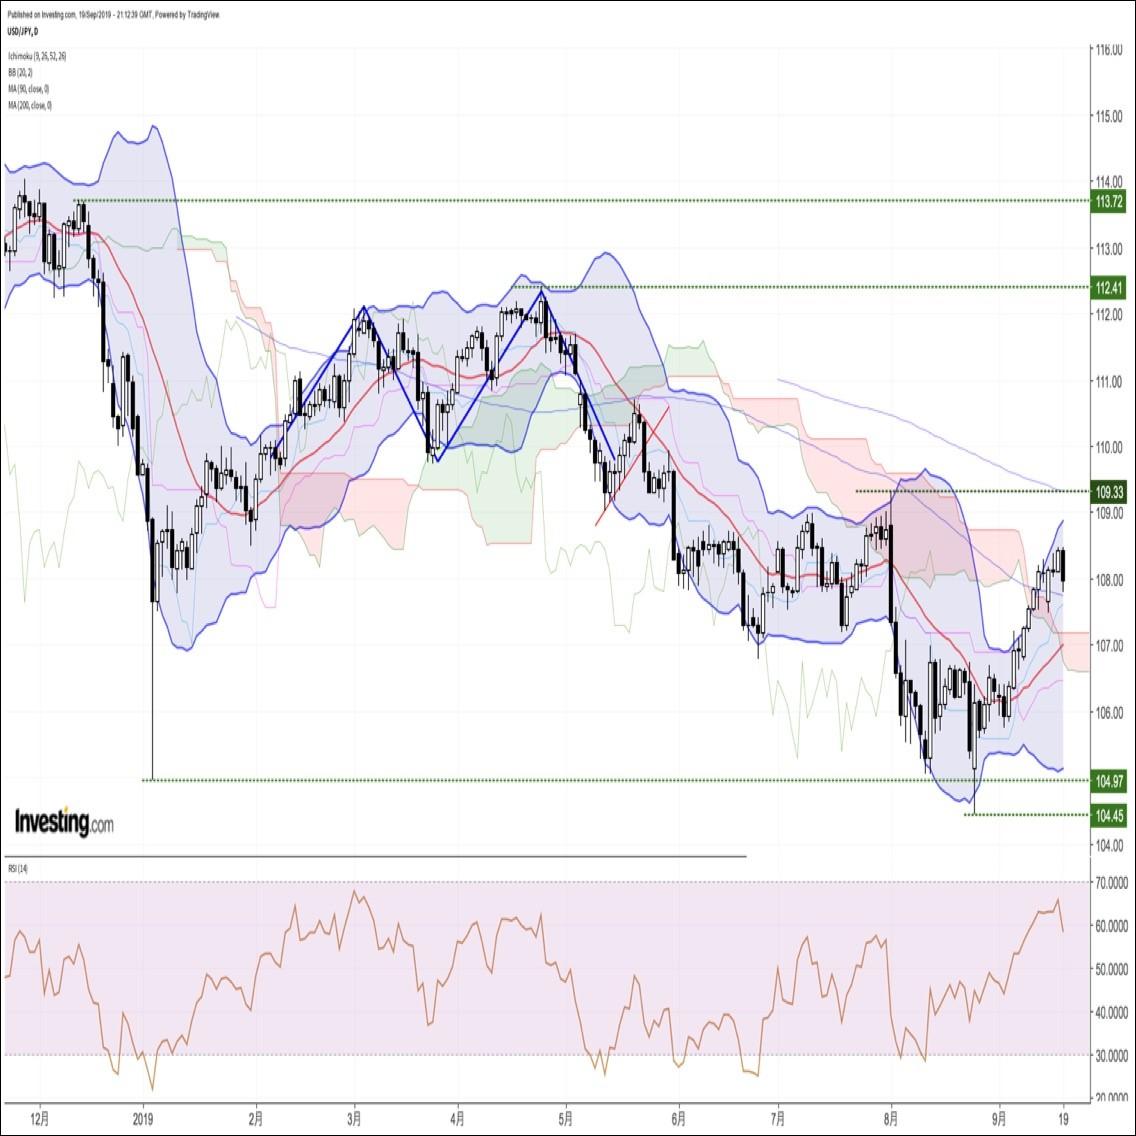 ドル円、BOJ追加緩和見送りを受けて失望売りが加速。一時107.79まで下落(9/20朝)